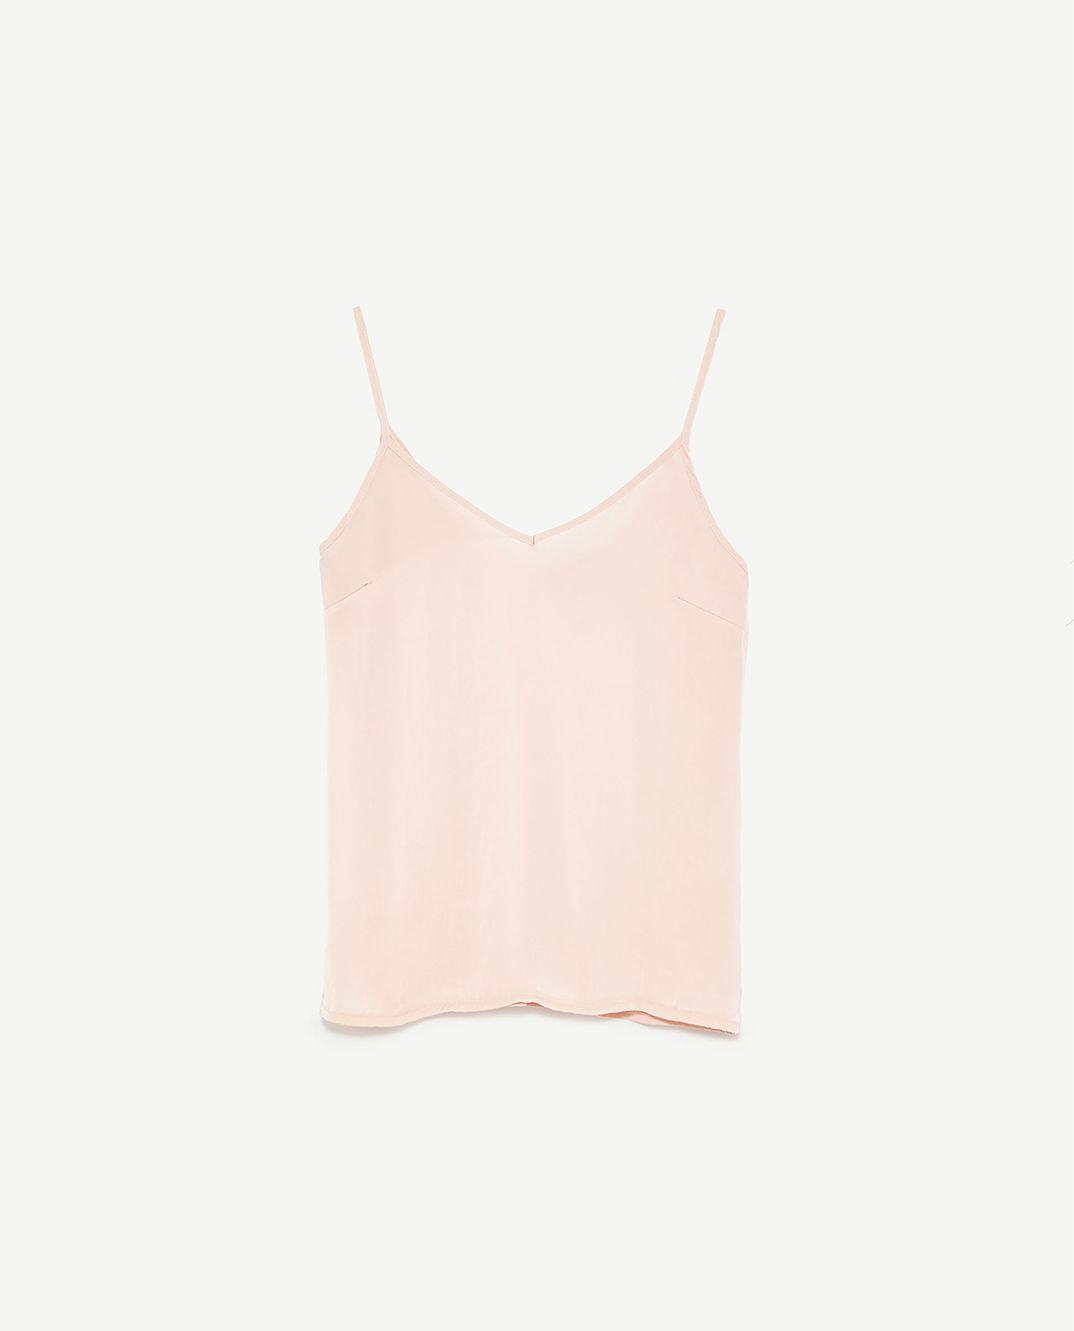 a-divina: Jeans para el verano Zara 9,95€